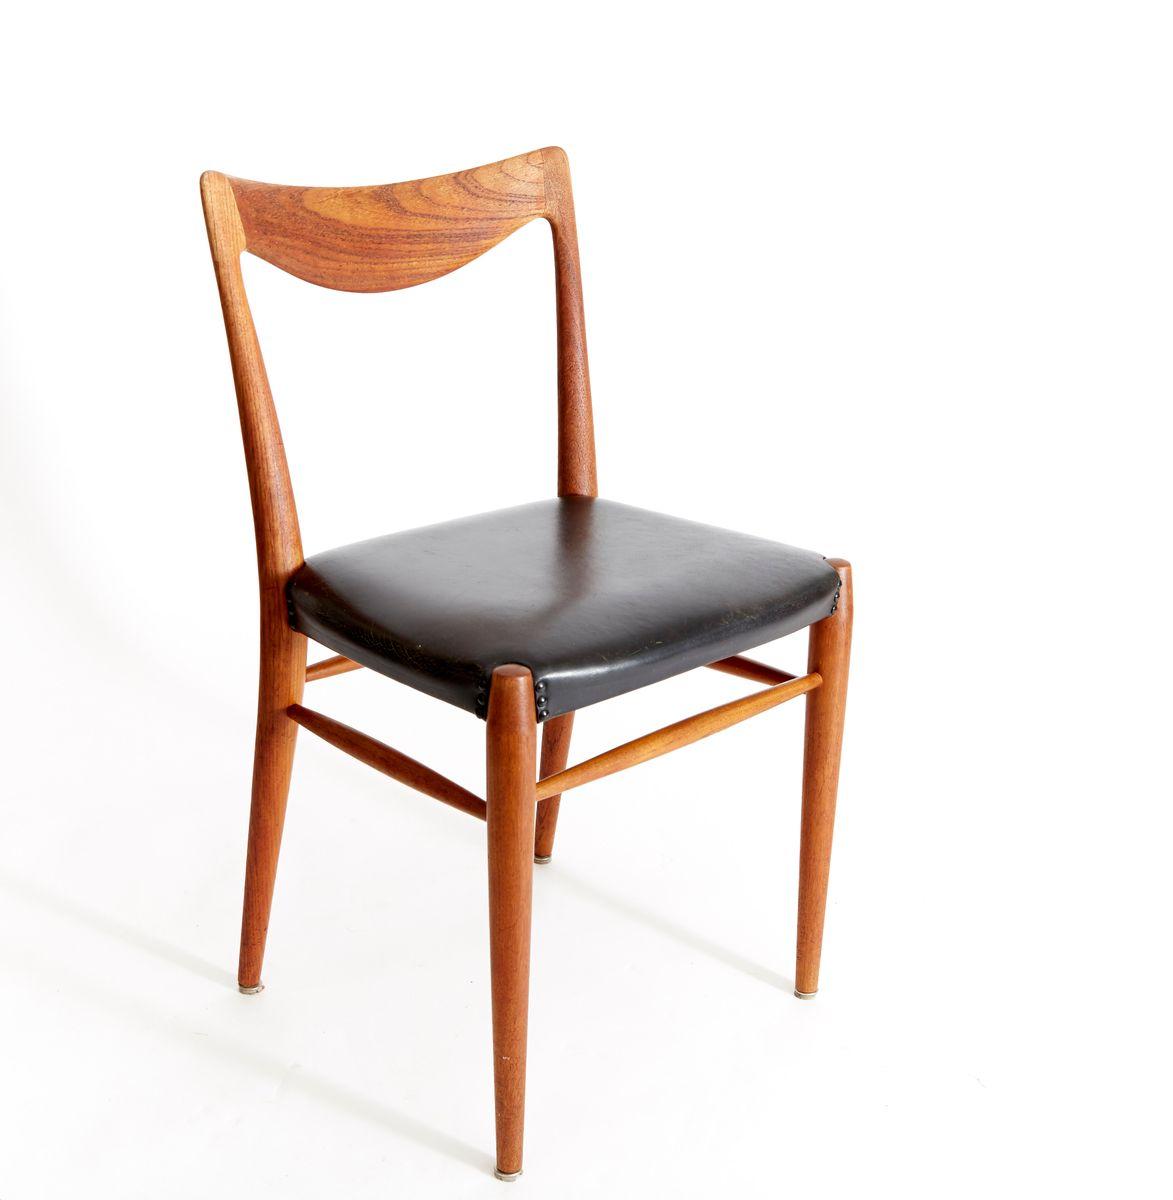 vintage bambi teak esszimmer st hle von rolf rastad adolf relling f r gustav bahus 4er set. Black Bedroom Furniture Sets. Home Design Ideas